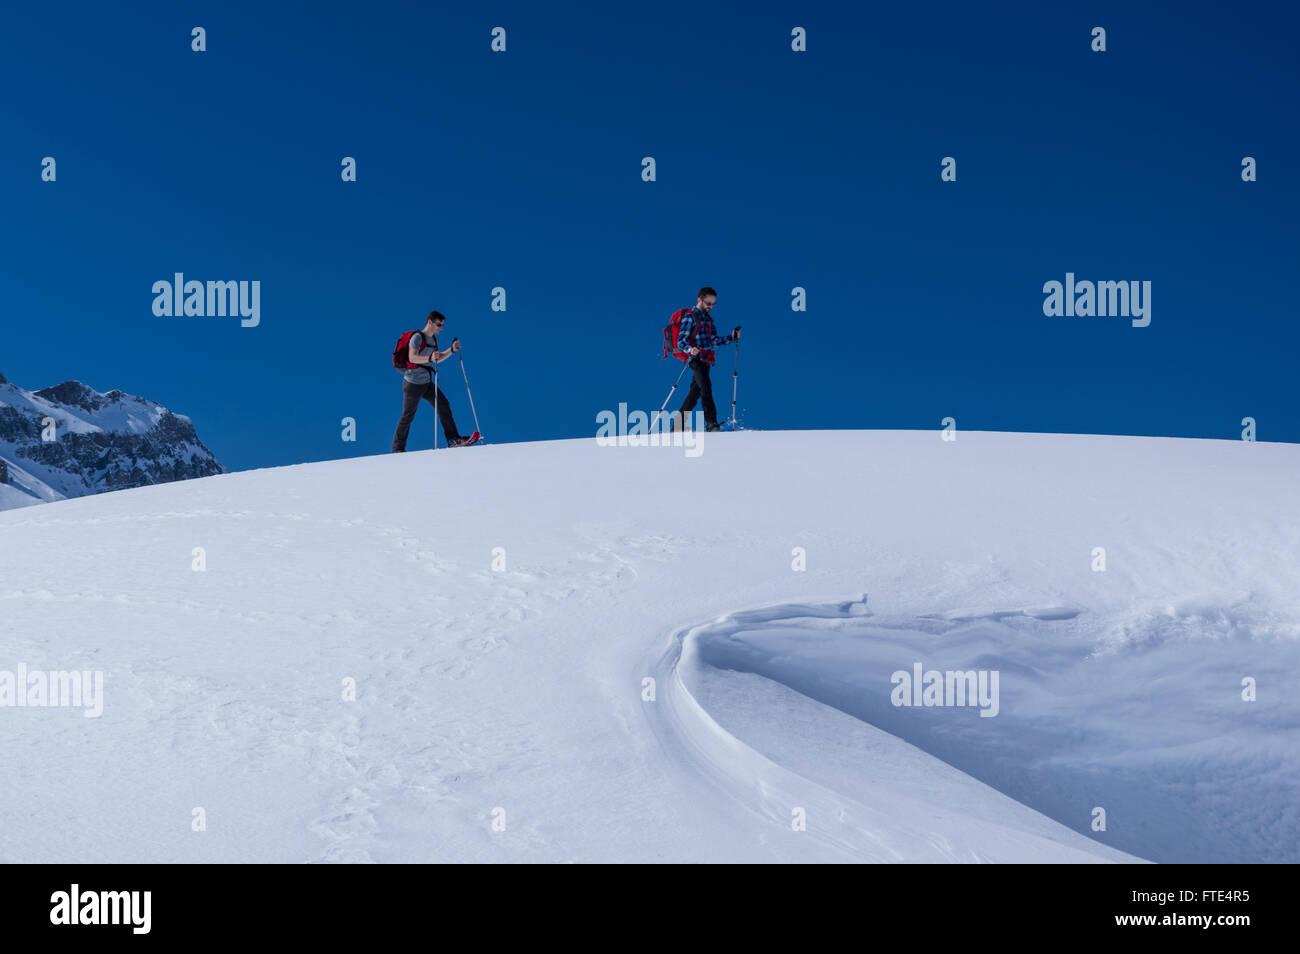 Deux randonneurs en raquettes homme randonnée sur un jour d'hiver ensoleillé dans les Alpes suisses. Photo Stock